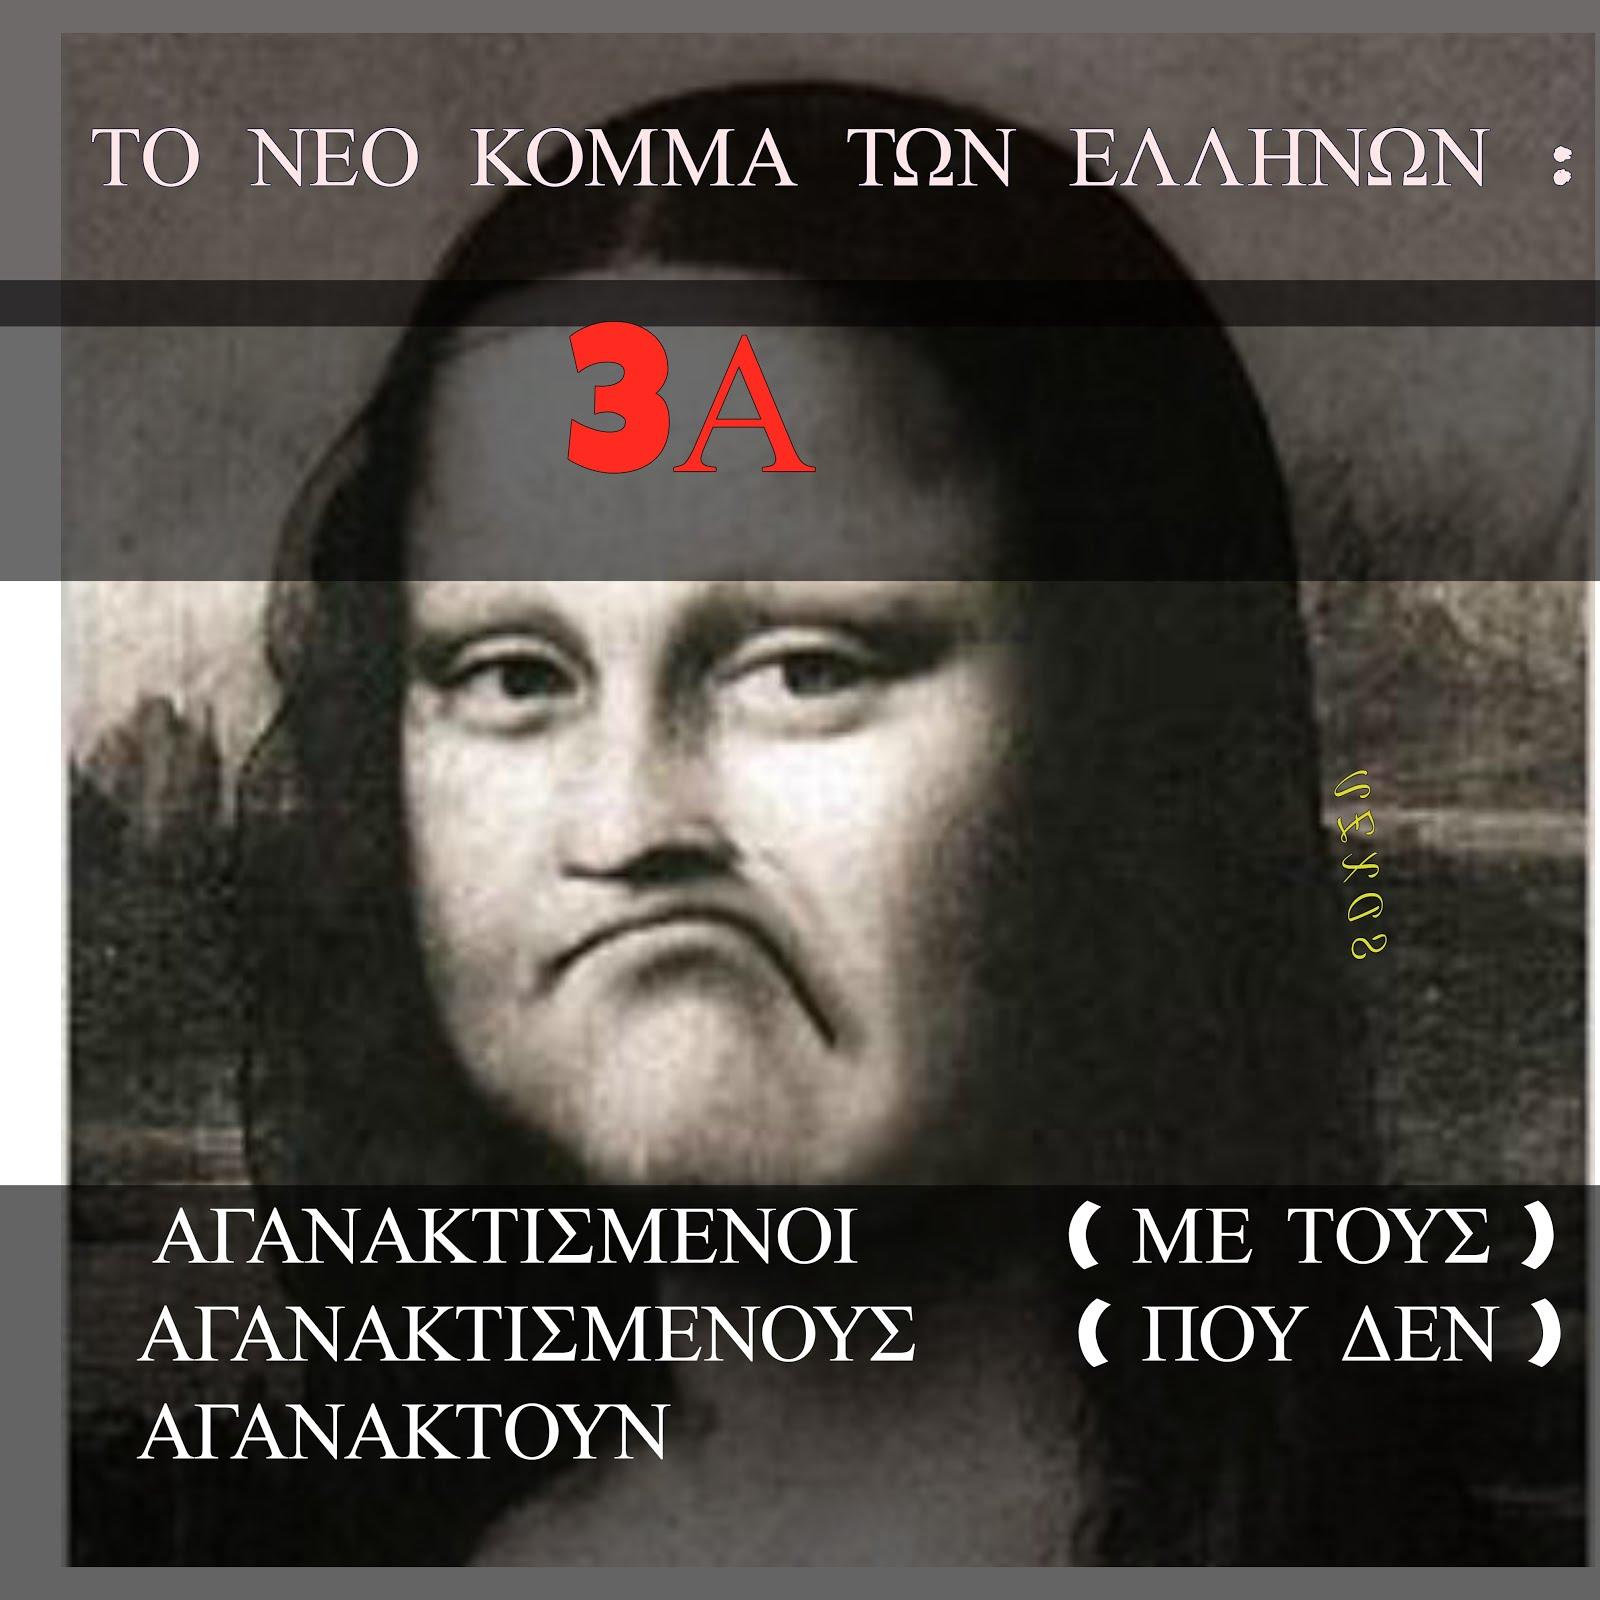 Το νέο κόμμα των Αγανακτισμένων !!